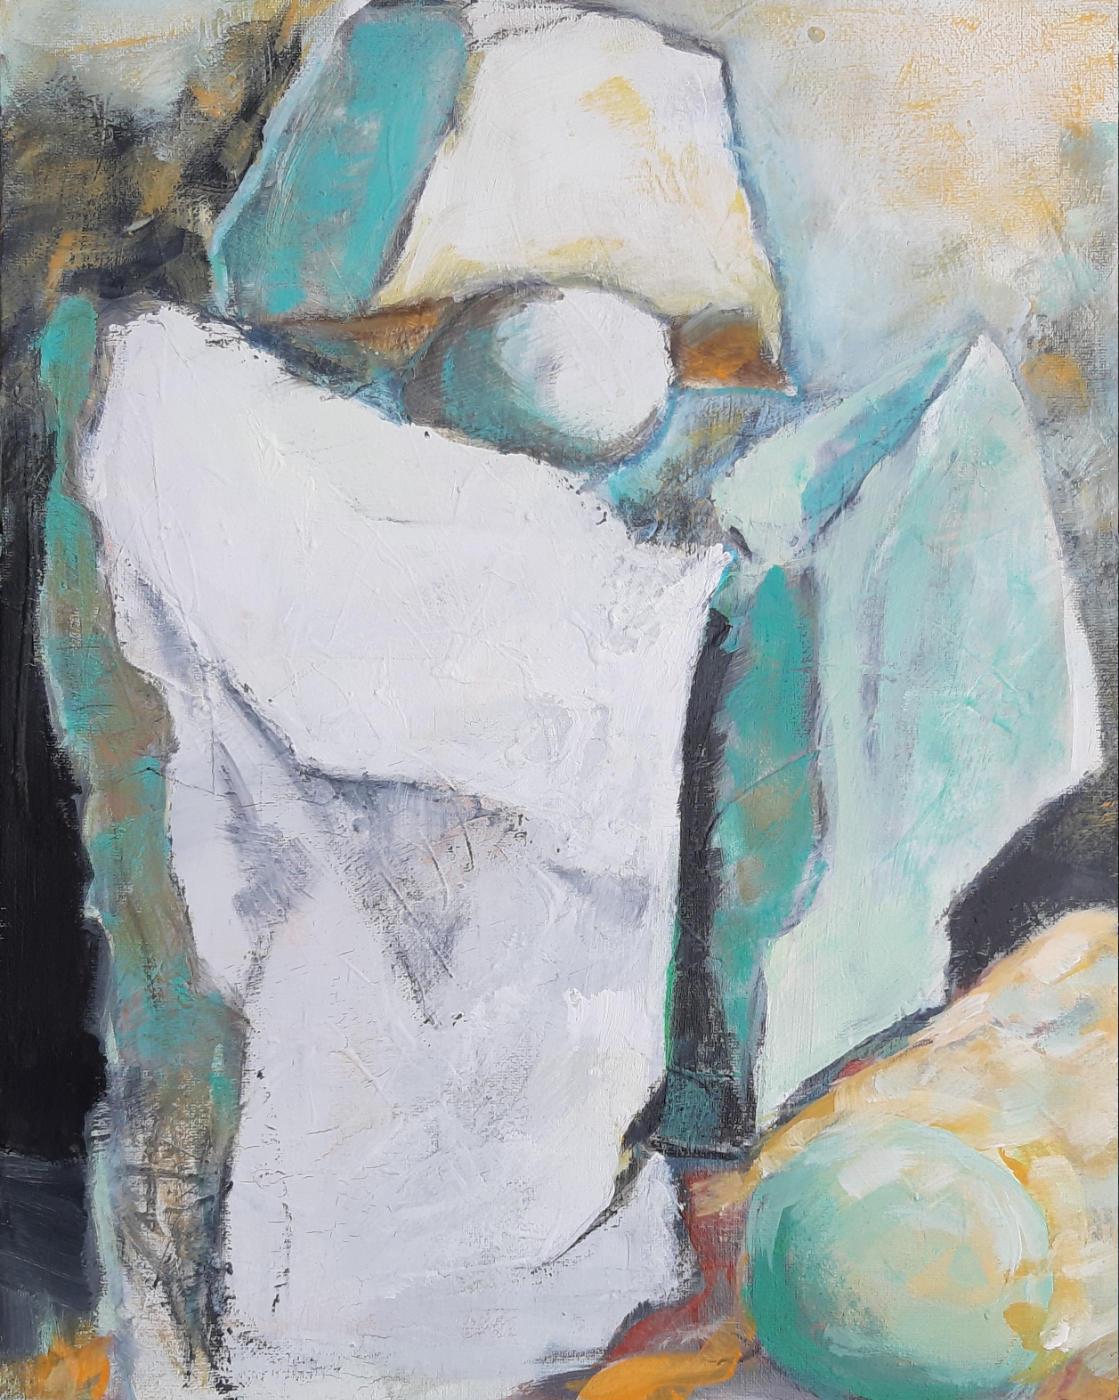 Napoleone petrificato - Acryl auf Leinwand, 50 x 40 cm